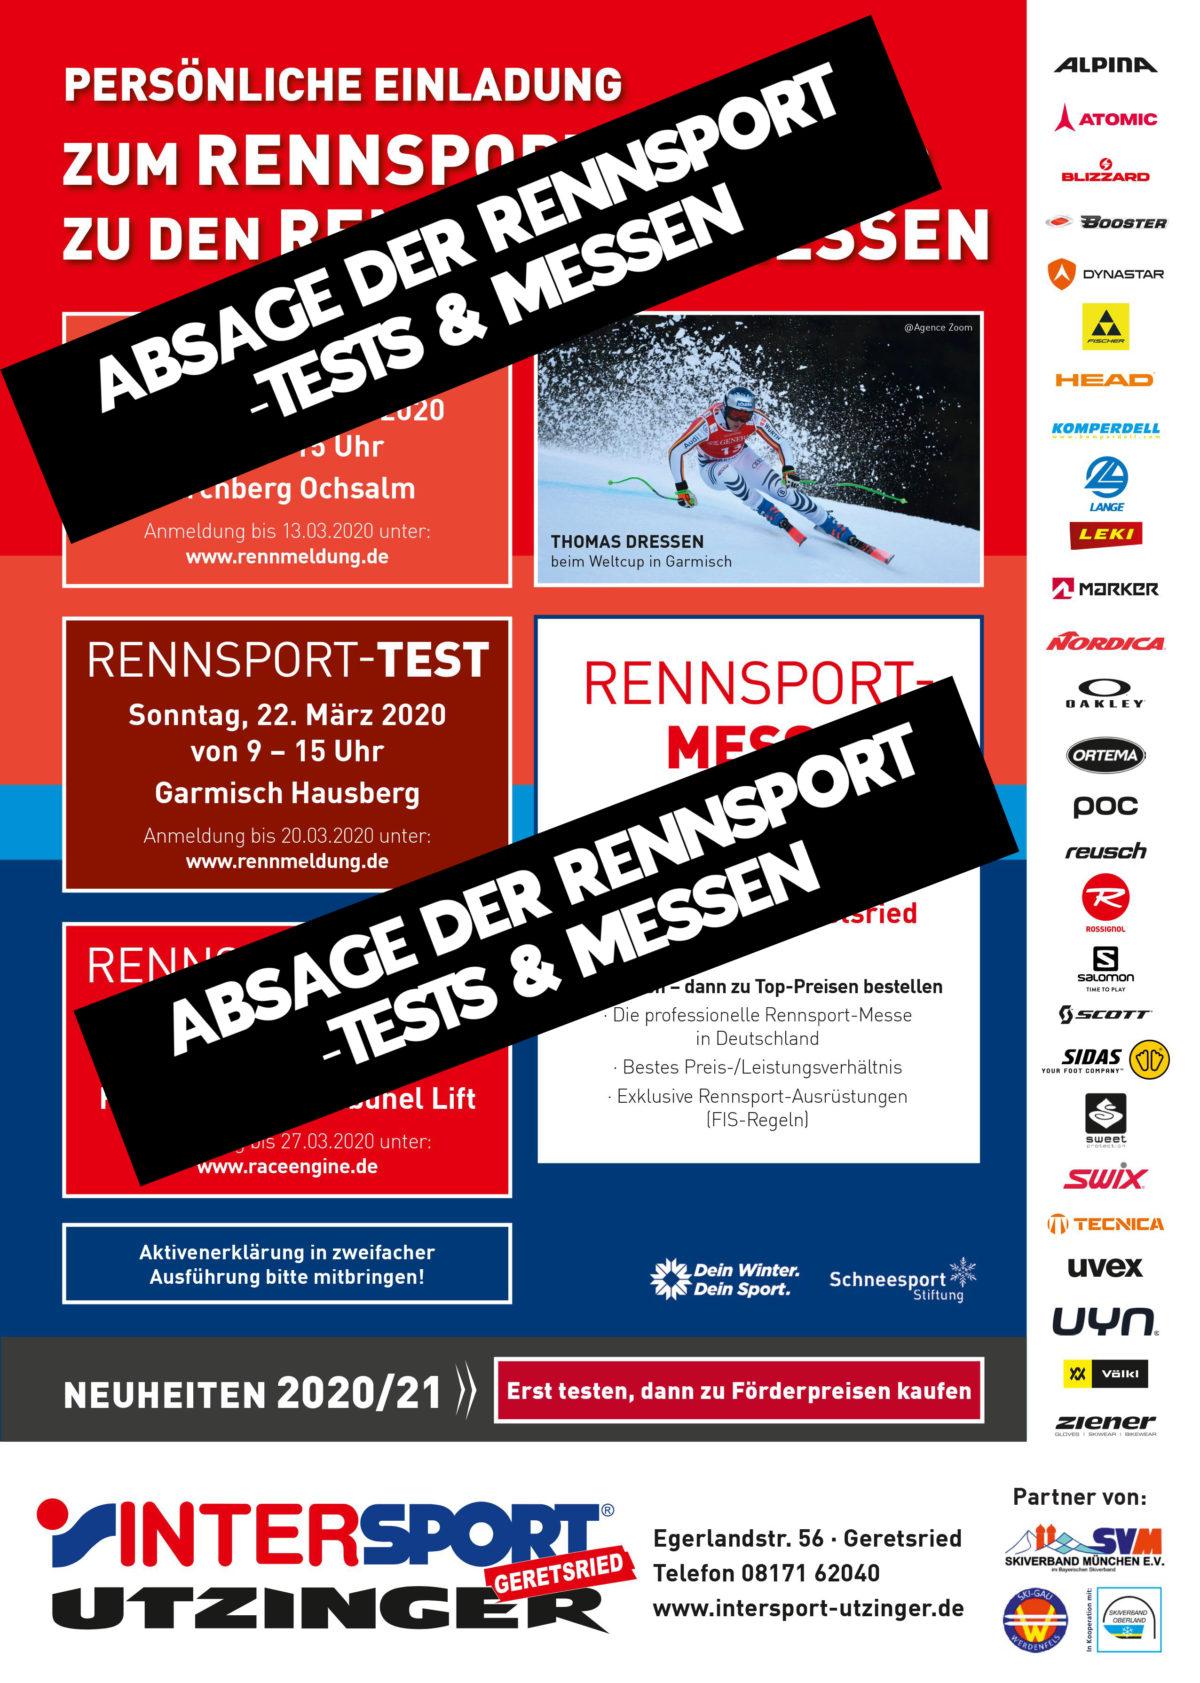 Rennsport Tests & Messen